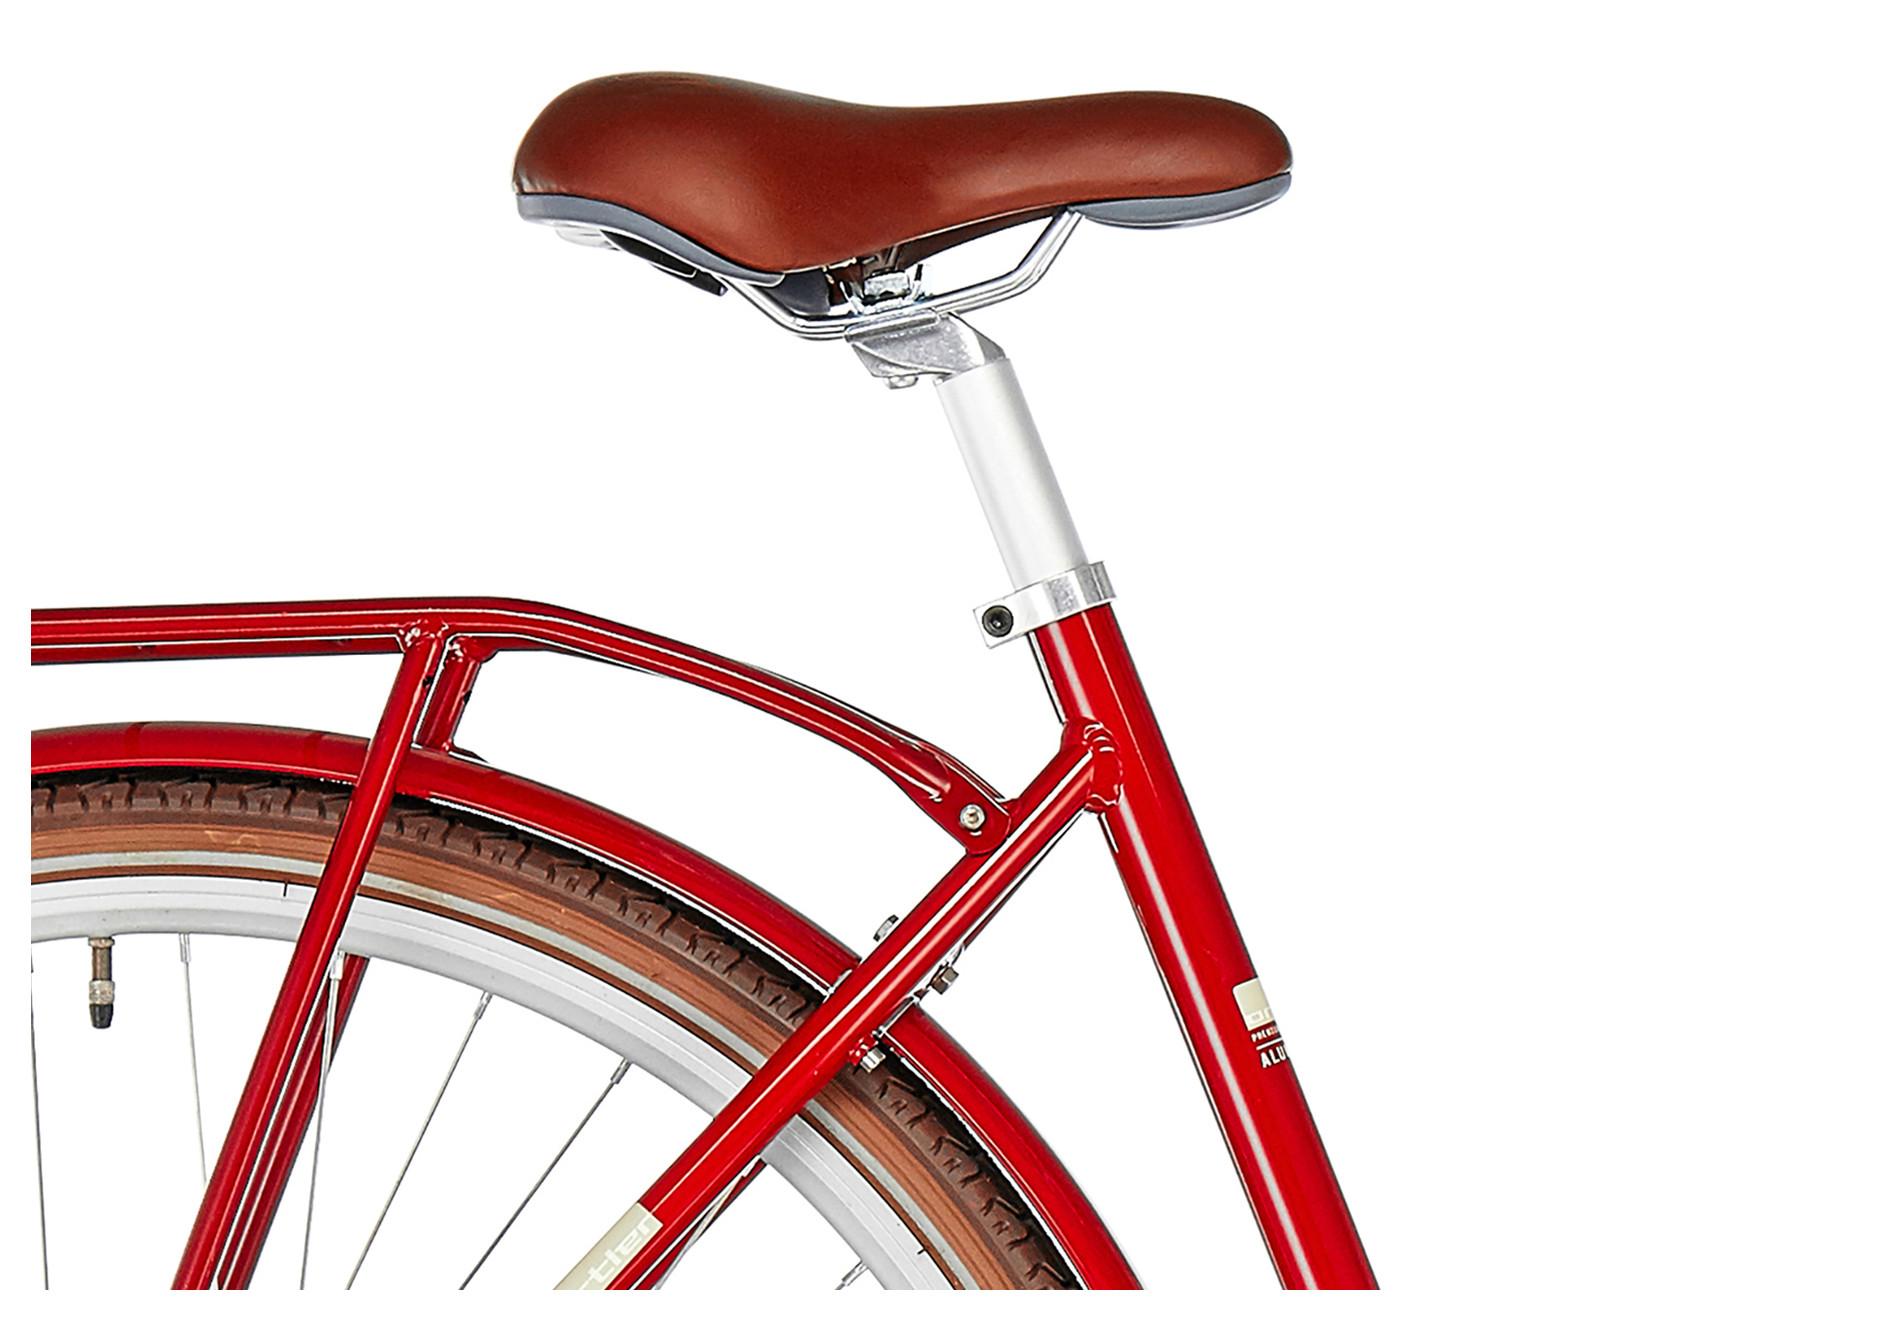 Ortler_Copenhagen_Light_candy_red1880x1320-7